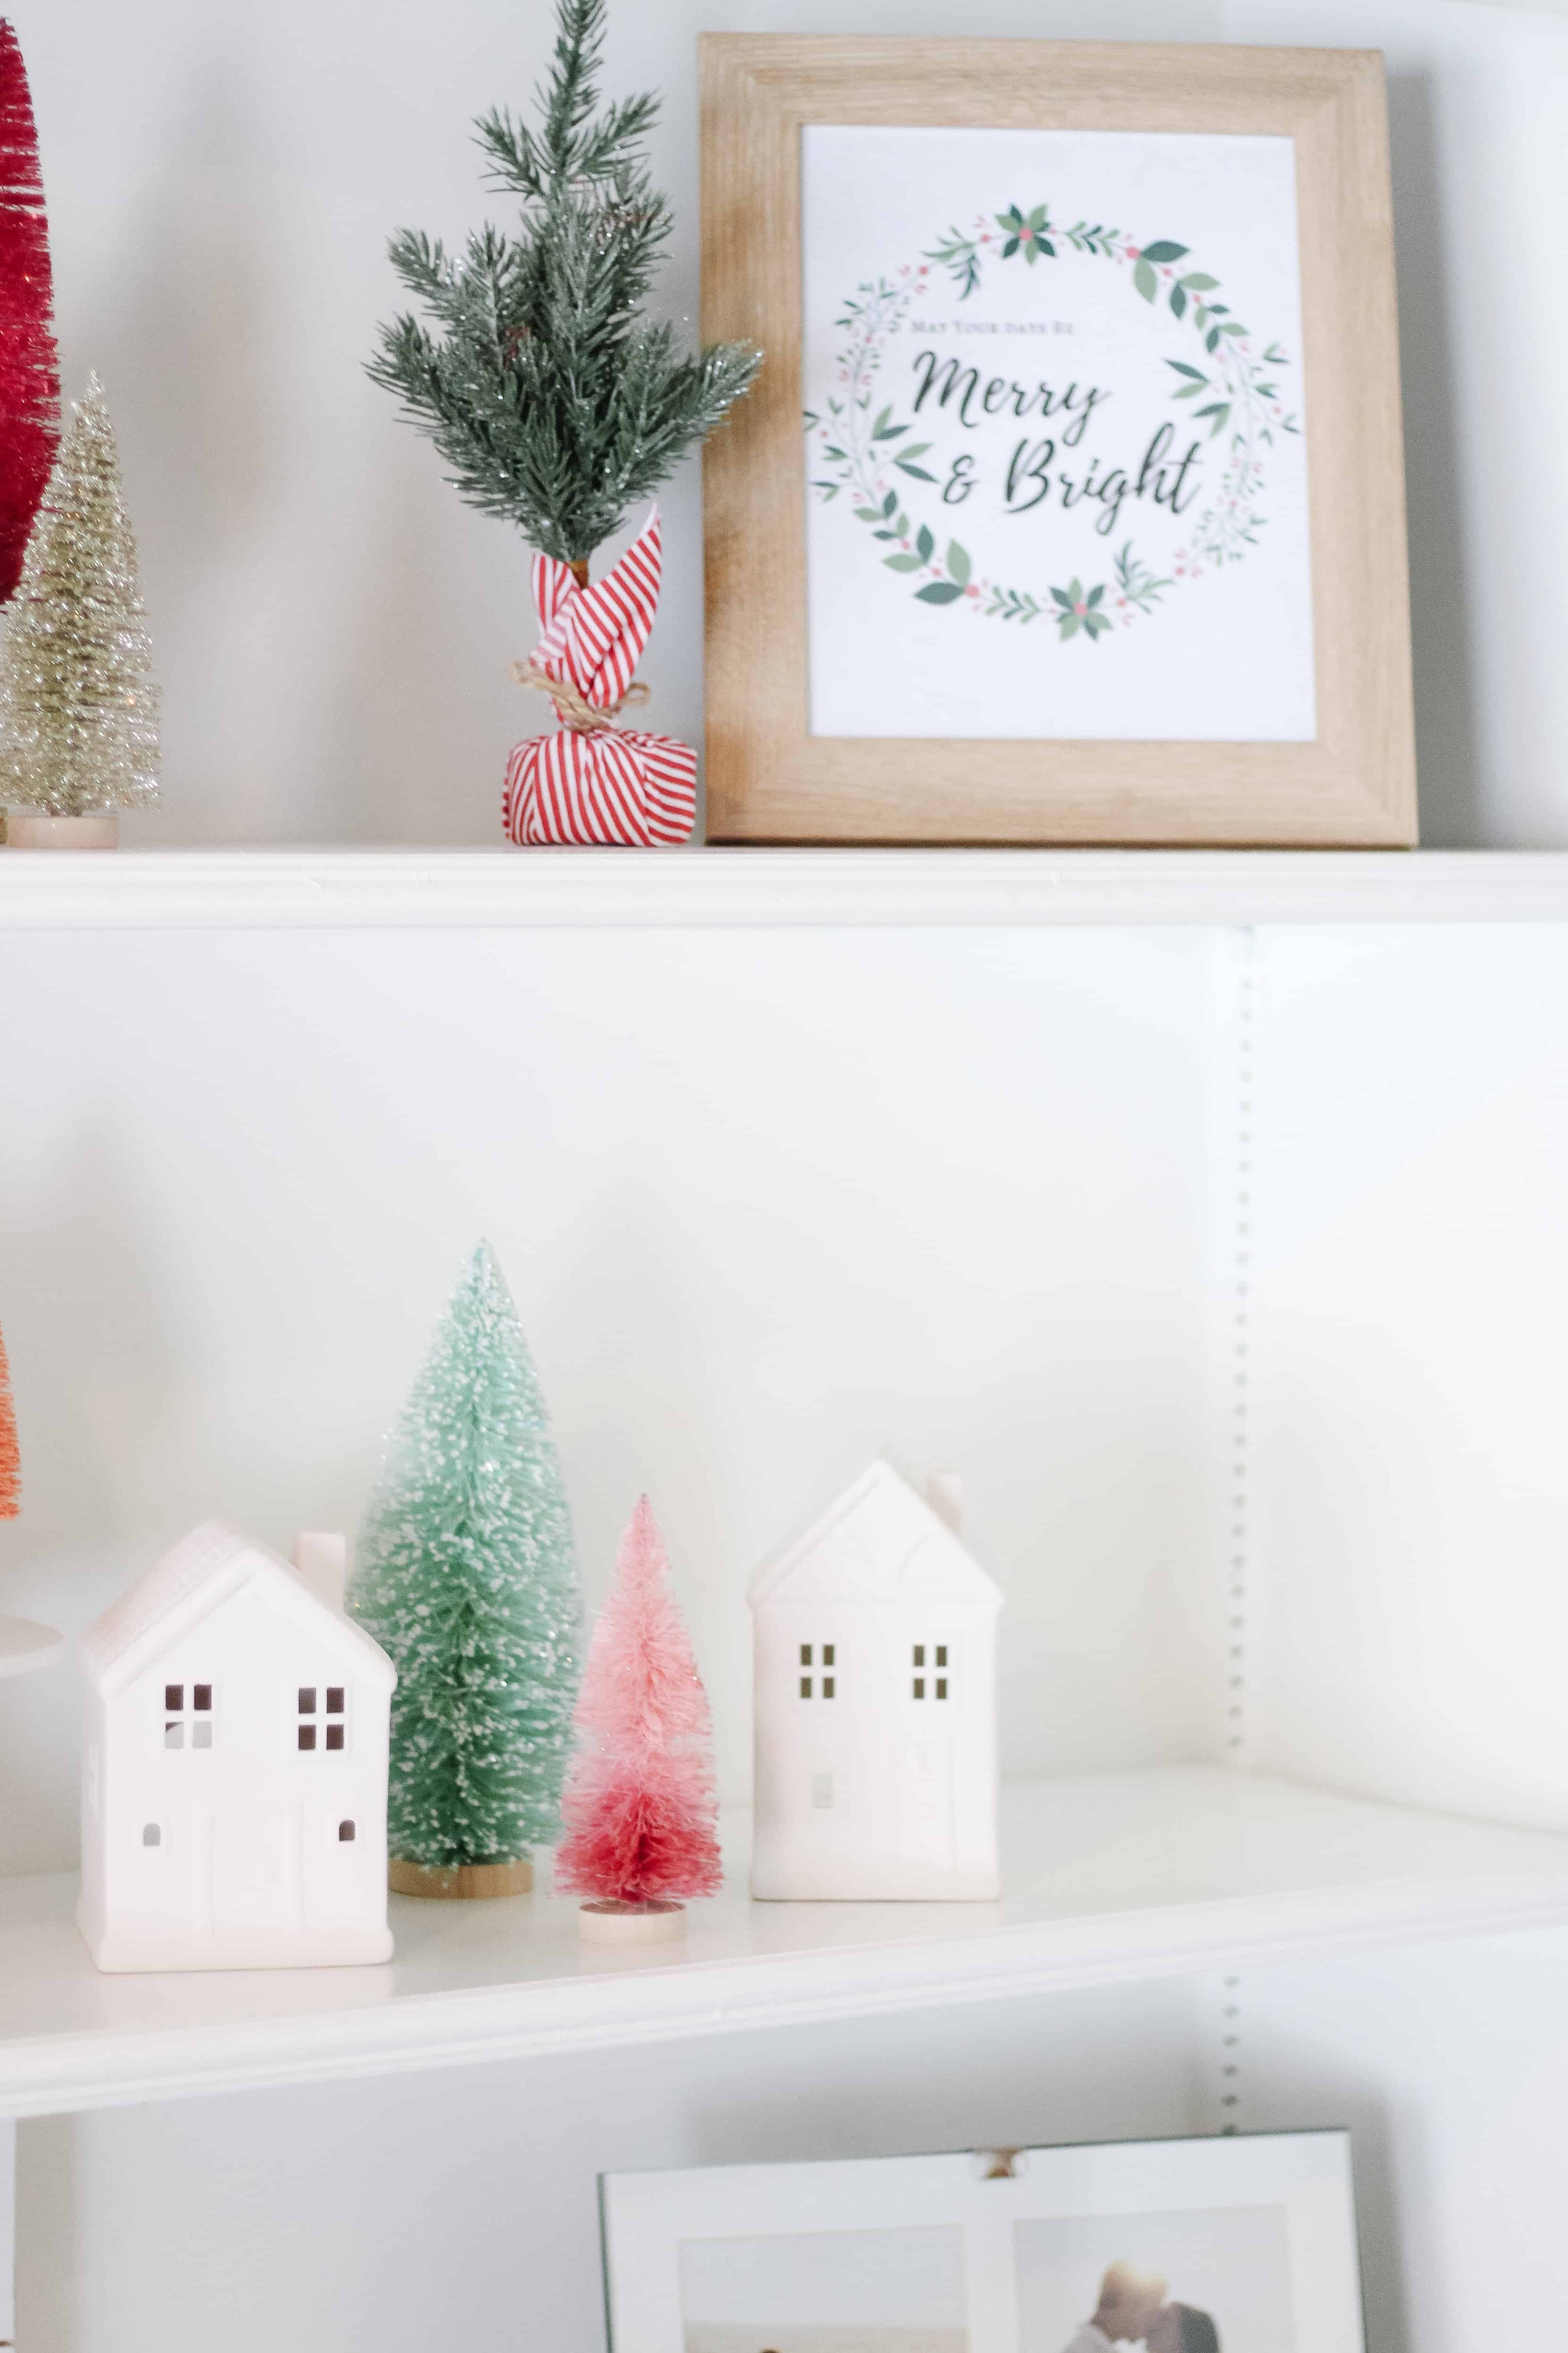 Bright Christmas decor shelves